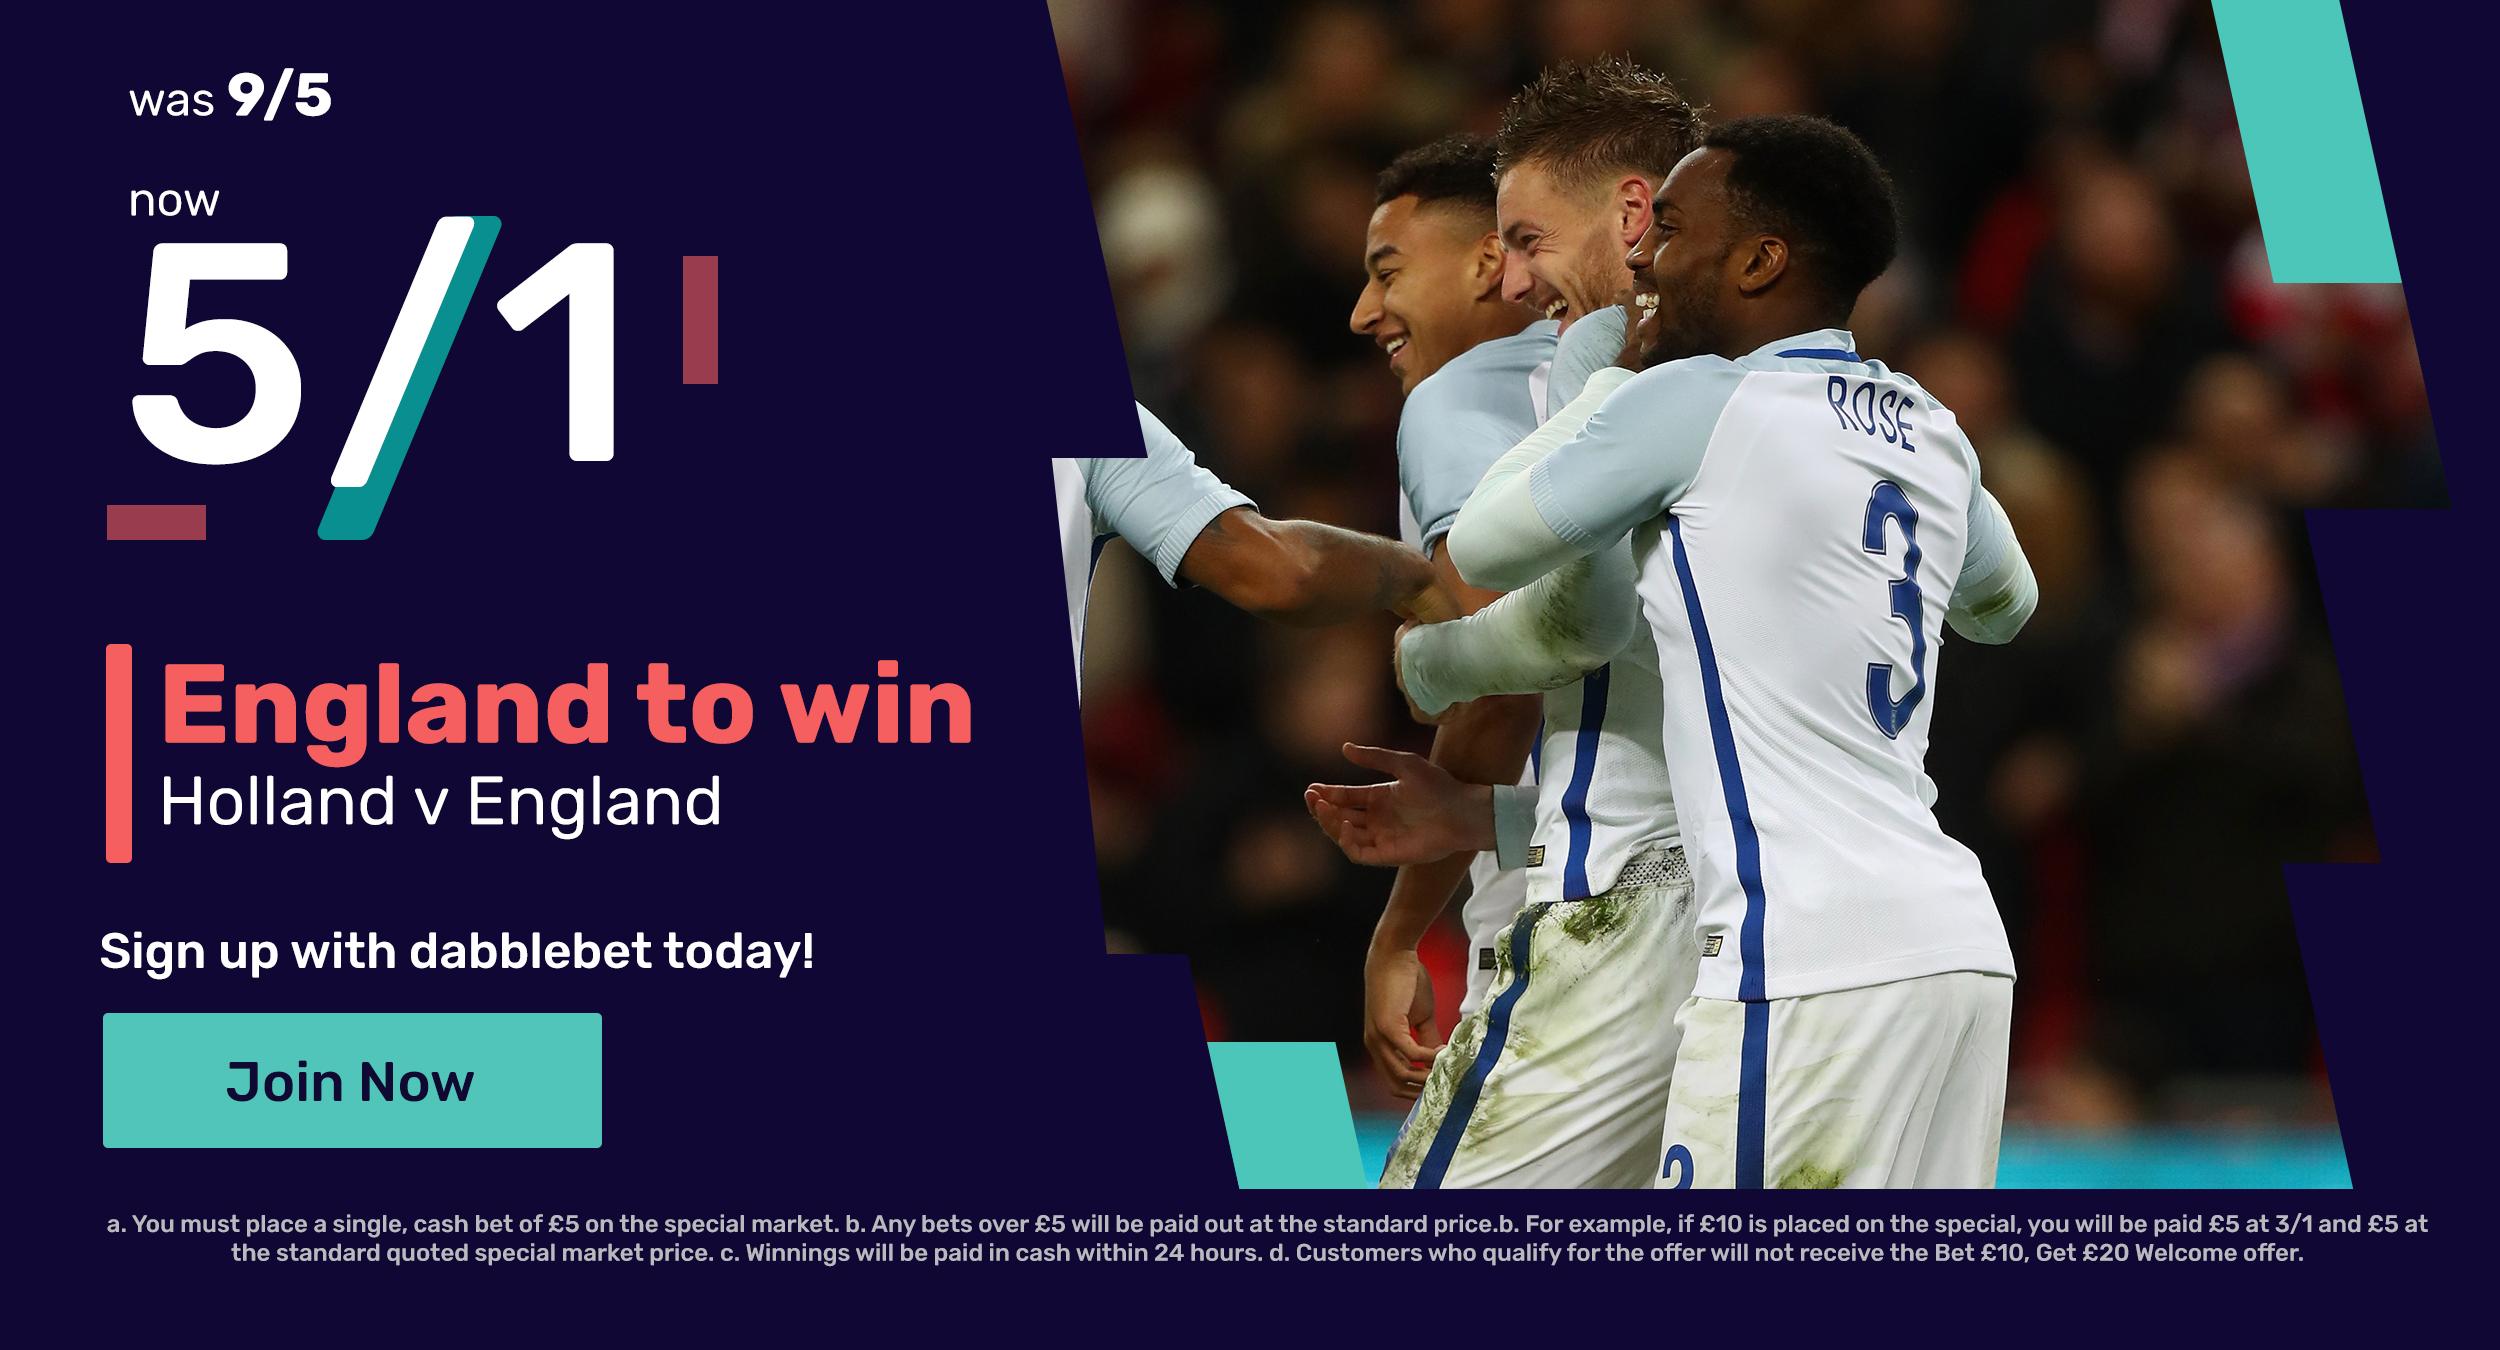 England Netherlands offer